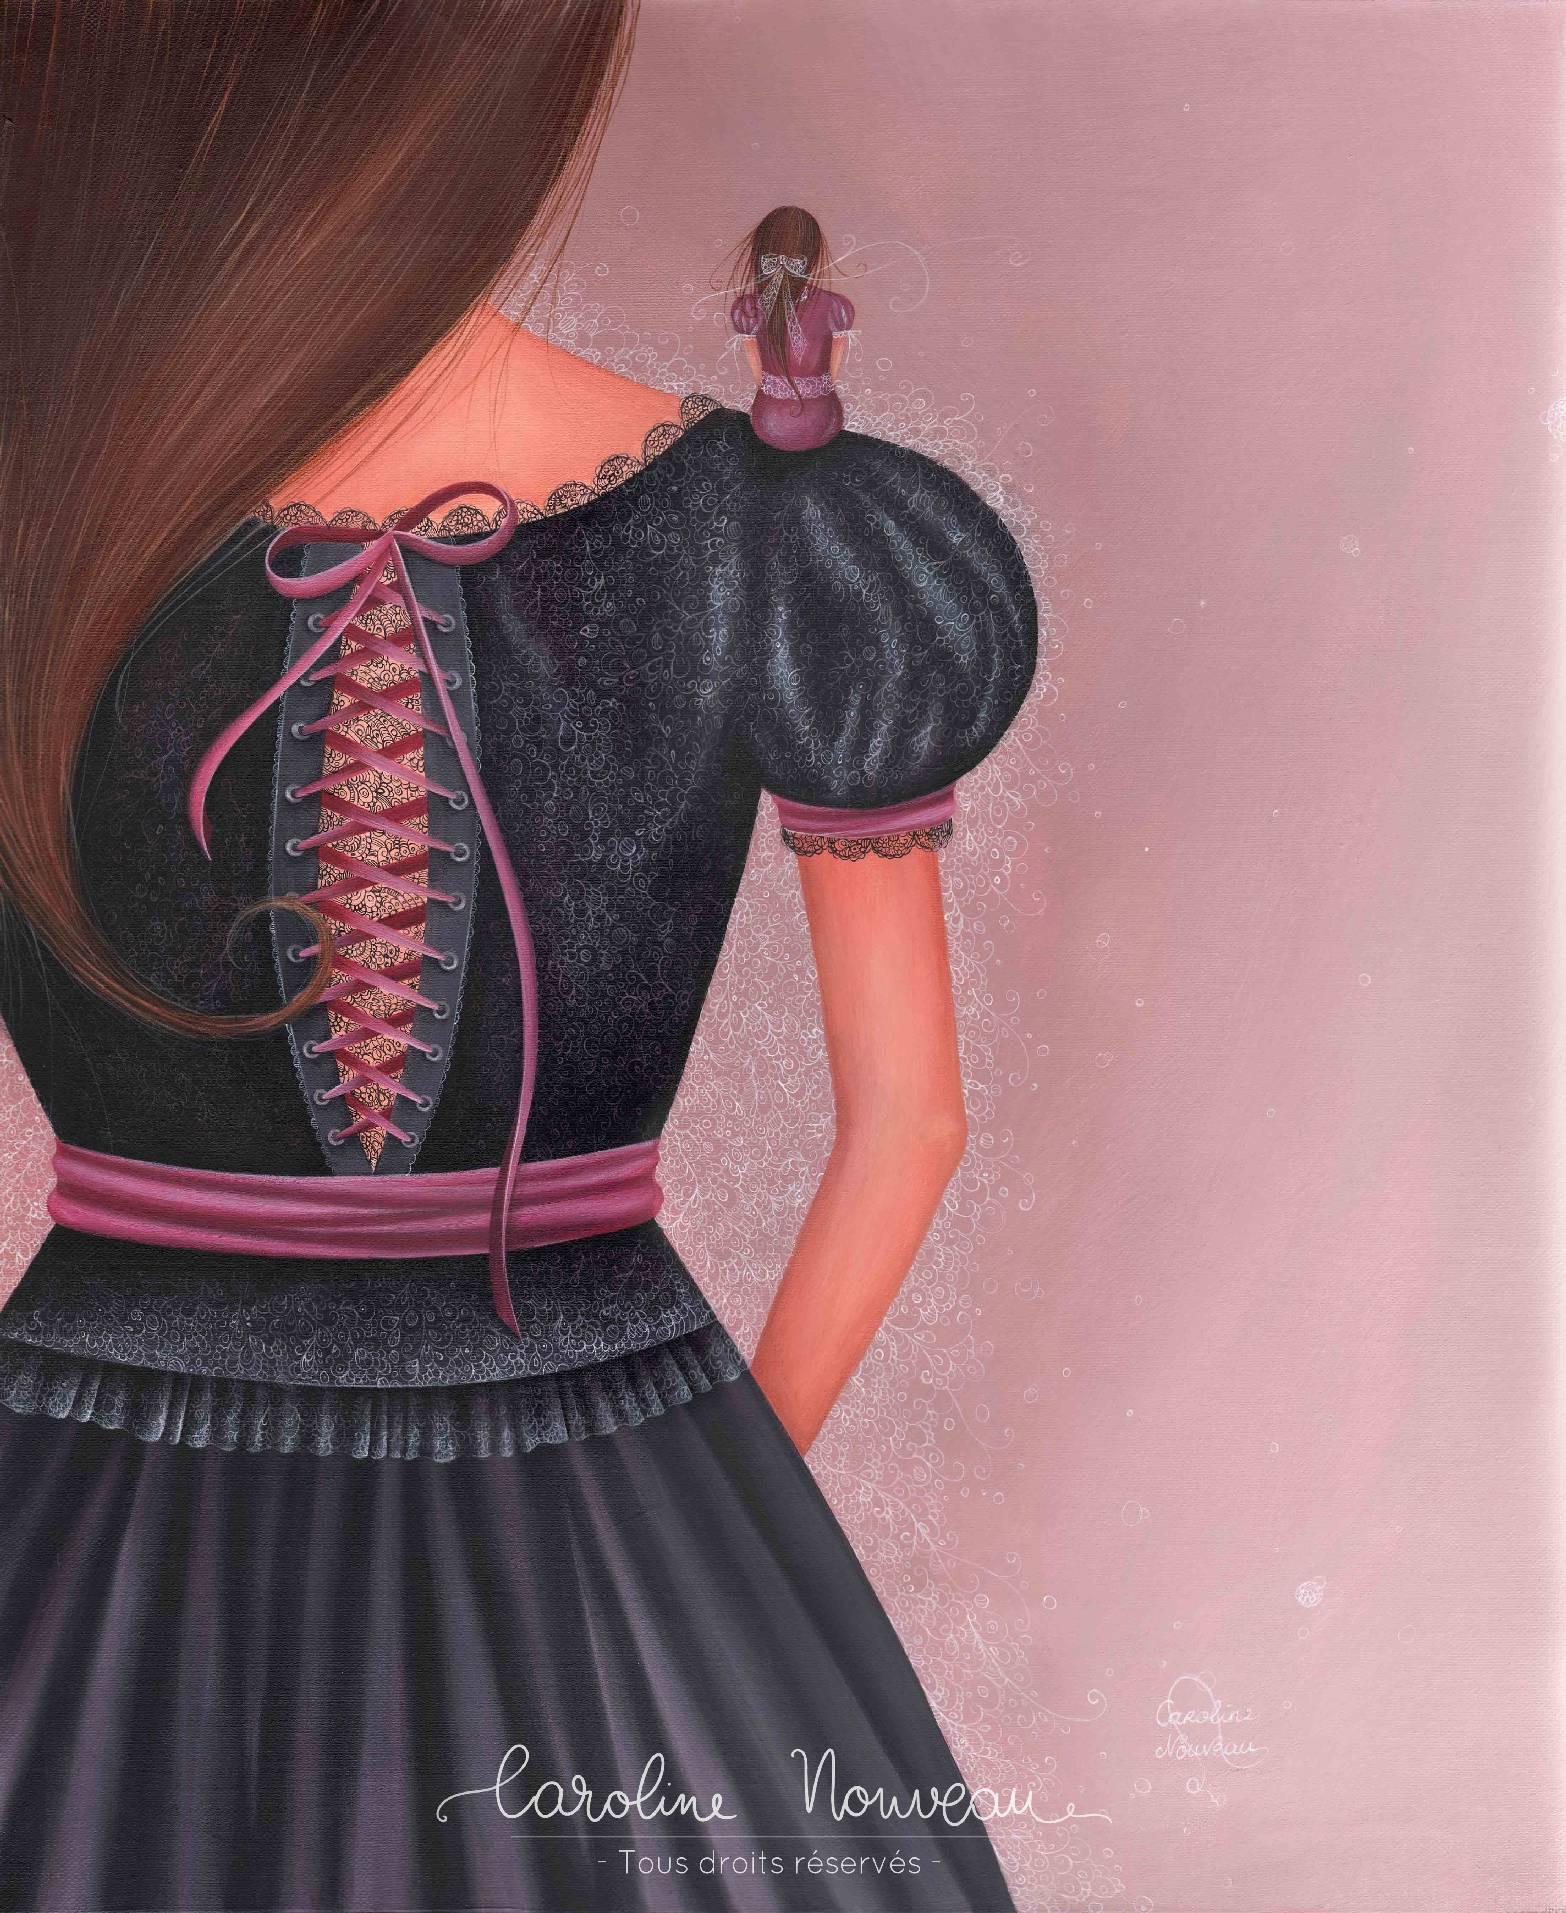 """""""Petite Robe Noire en dentelle"""" Acrylique sur toile – 38x46cm – 2015 - Non disponible"""